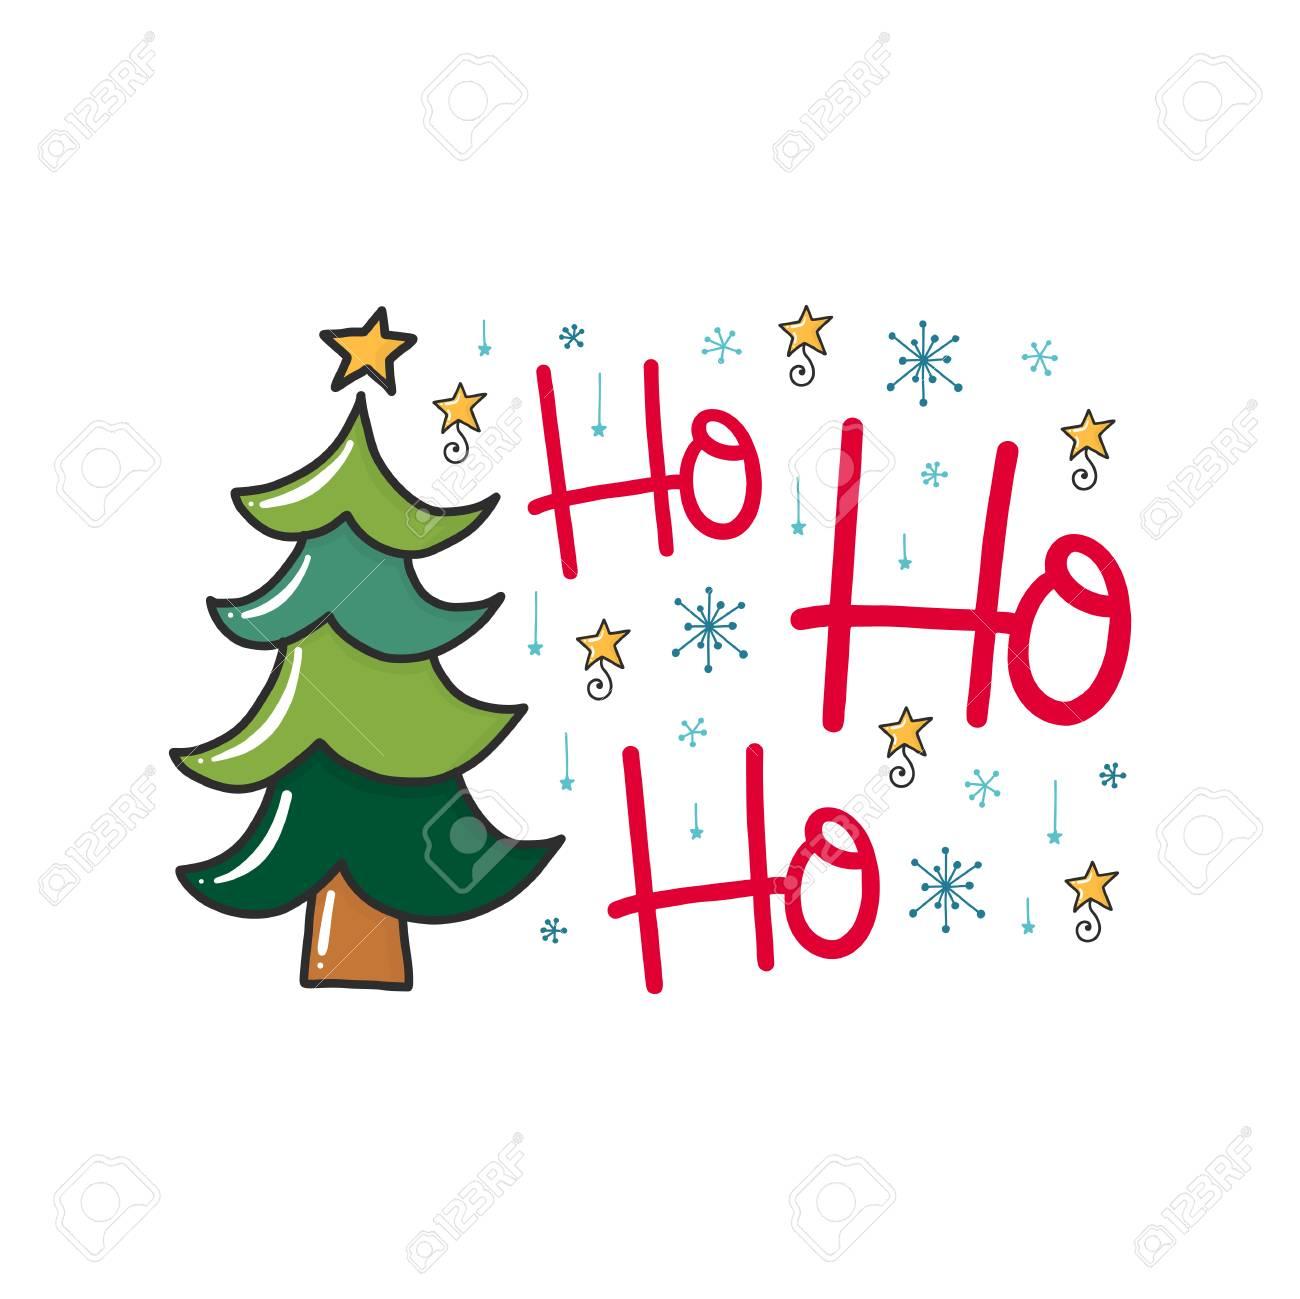 Frases Hechas Para Navidad.Un Cartel De Navidad Vector Con Frase Arbol Y Elementos De Decoracion Tarjeta De Tipografia Imagen En Color Diseno Para Camiseta Y Estampados